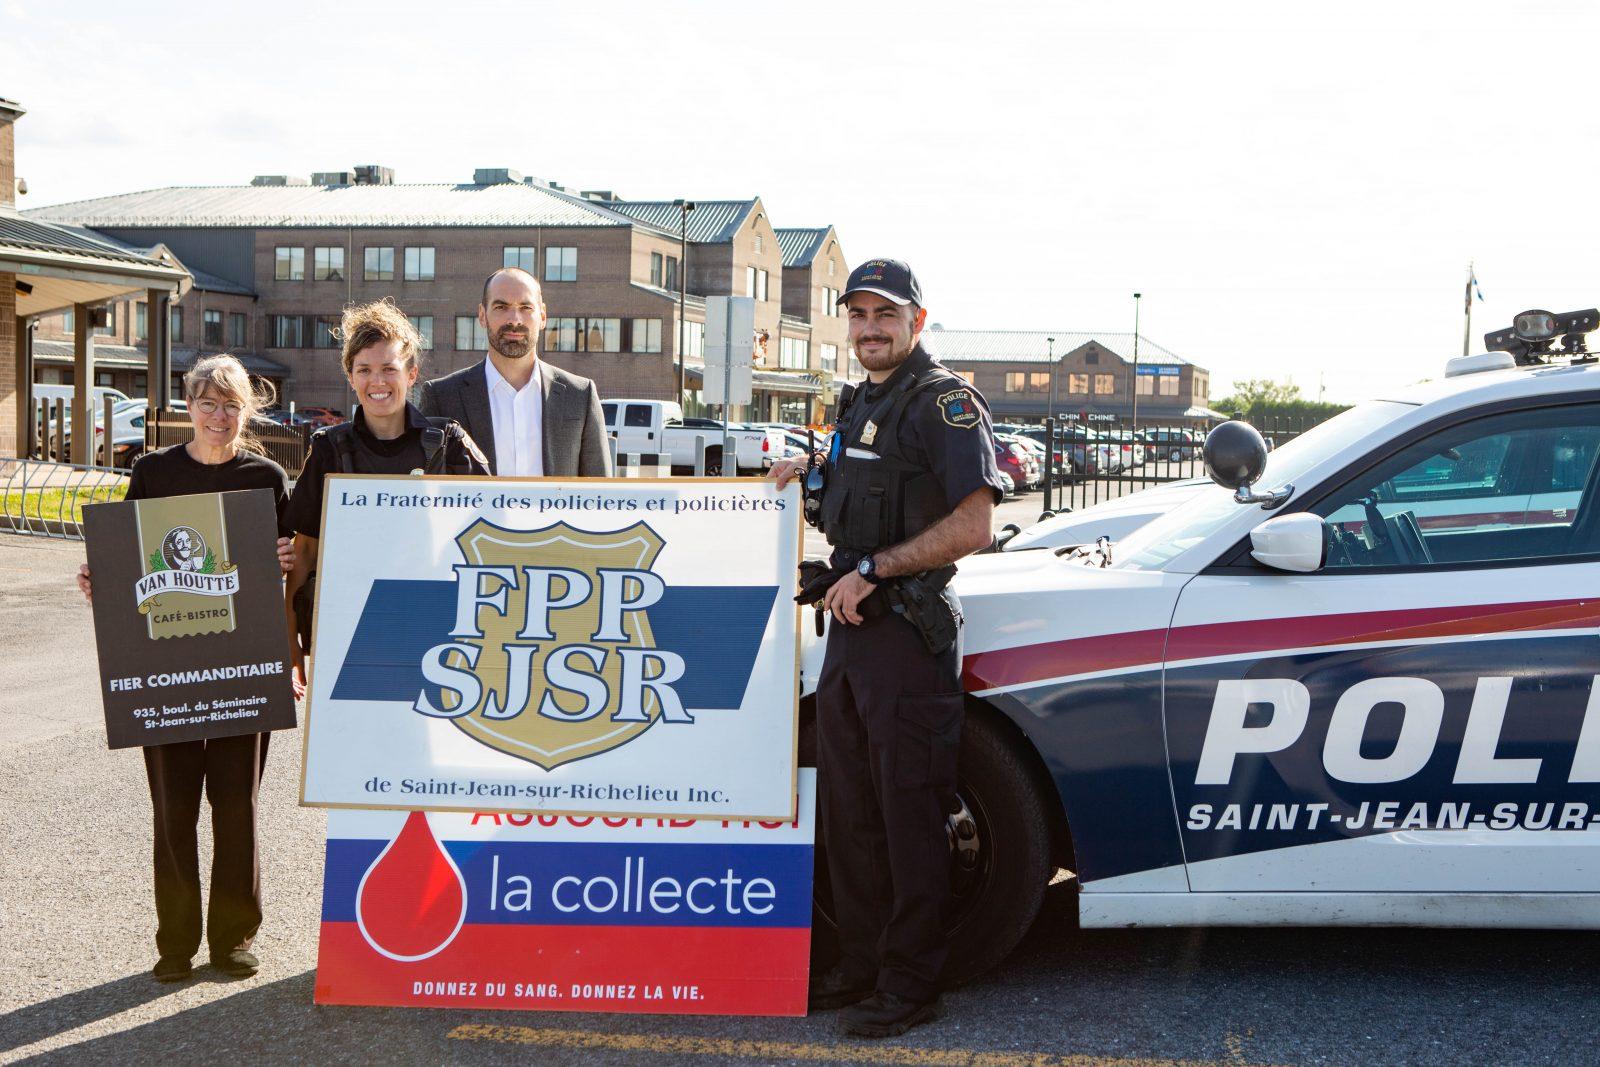 Les policiers vous invitent à leur collecte de sang